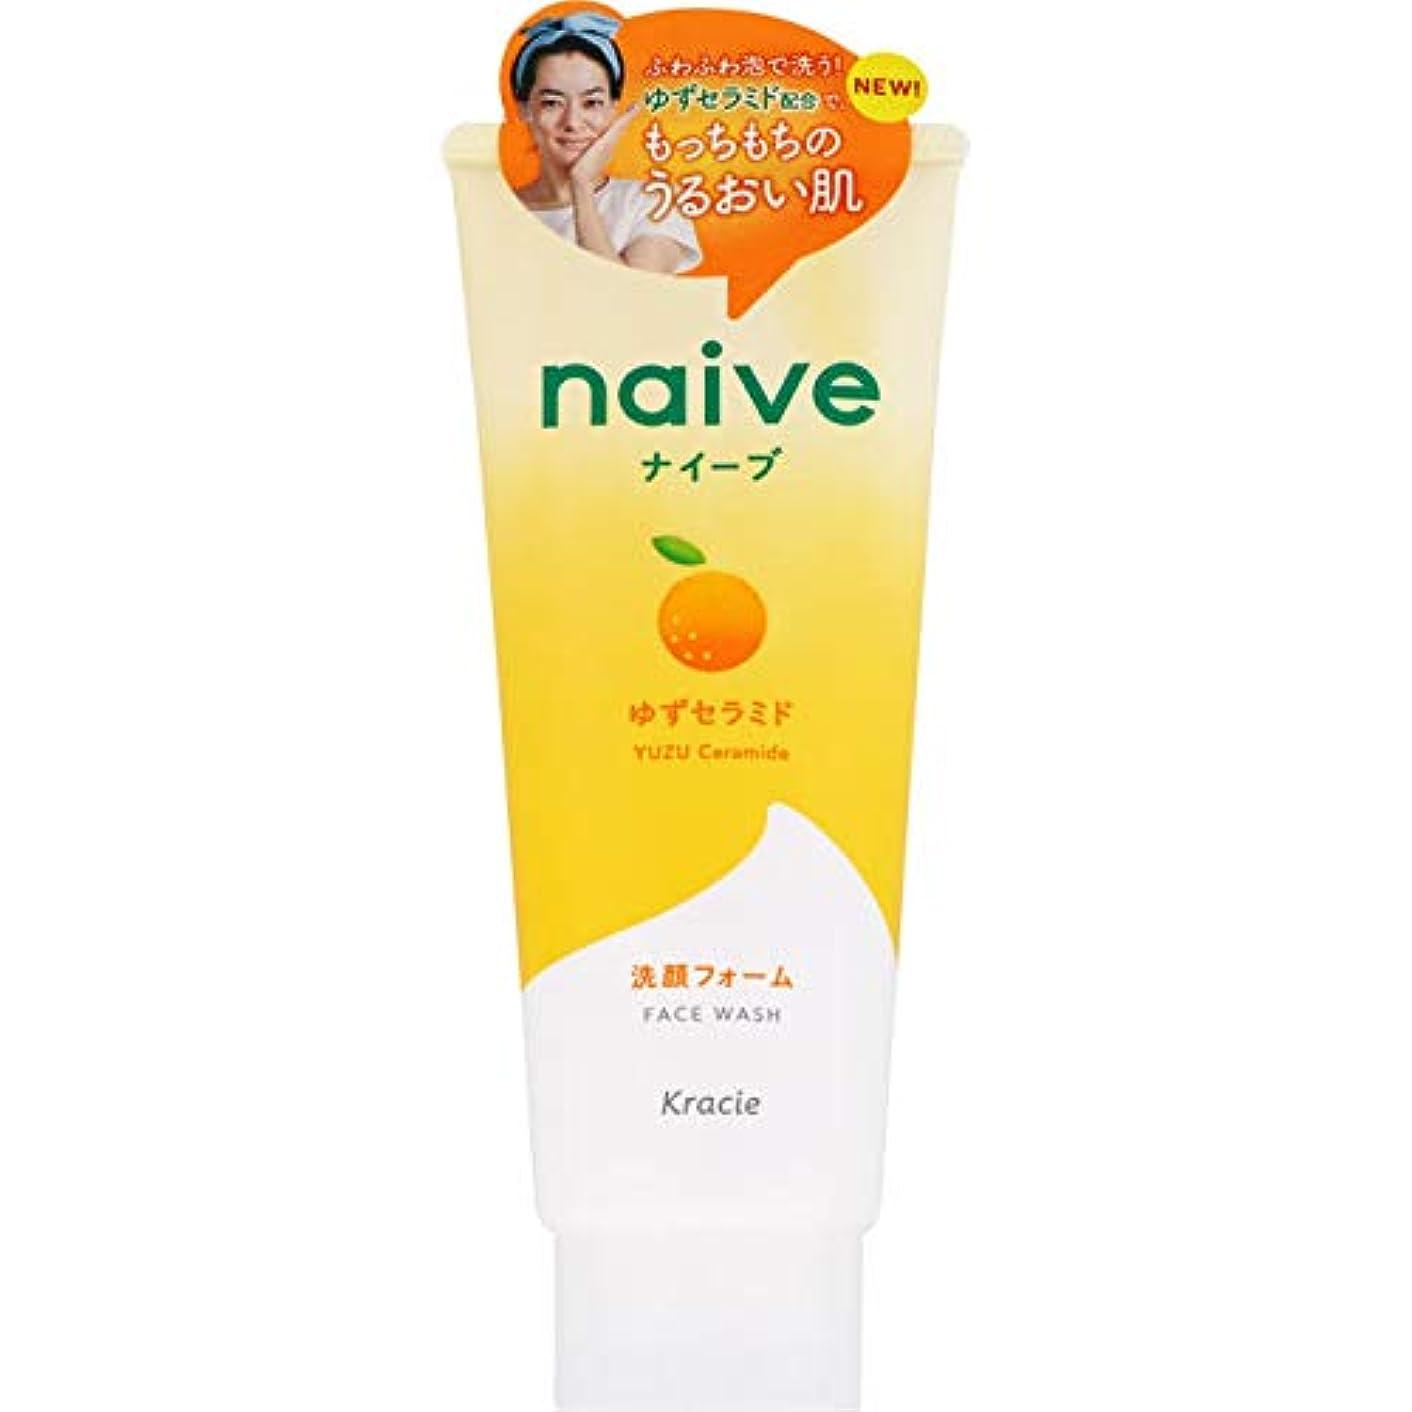 特定のボックスファイアルクラシエホームプロダクツ ナイーブ 洗顔フォーム (ゆずセラミド配合) 130g